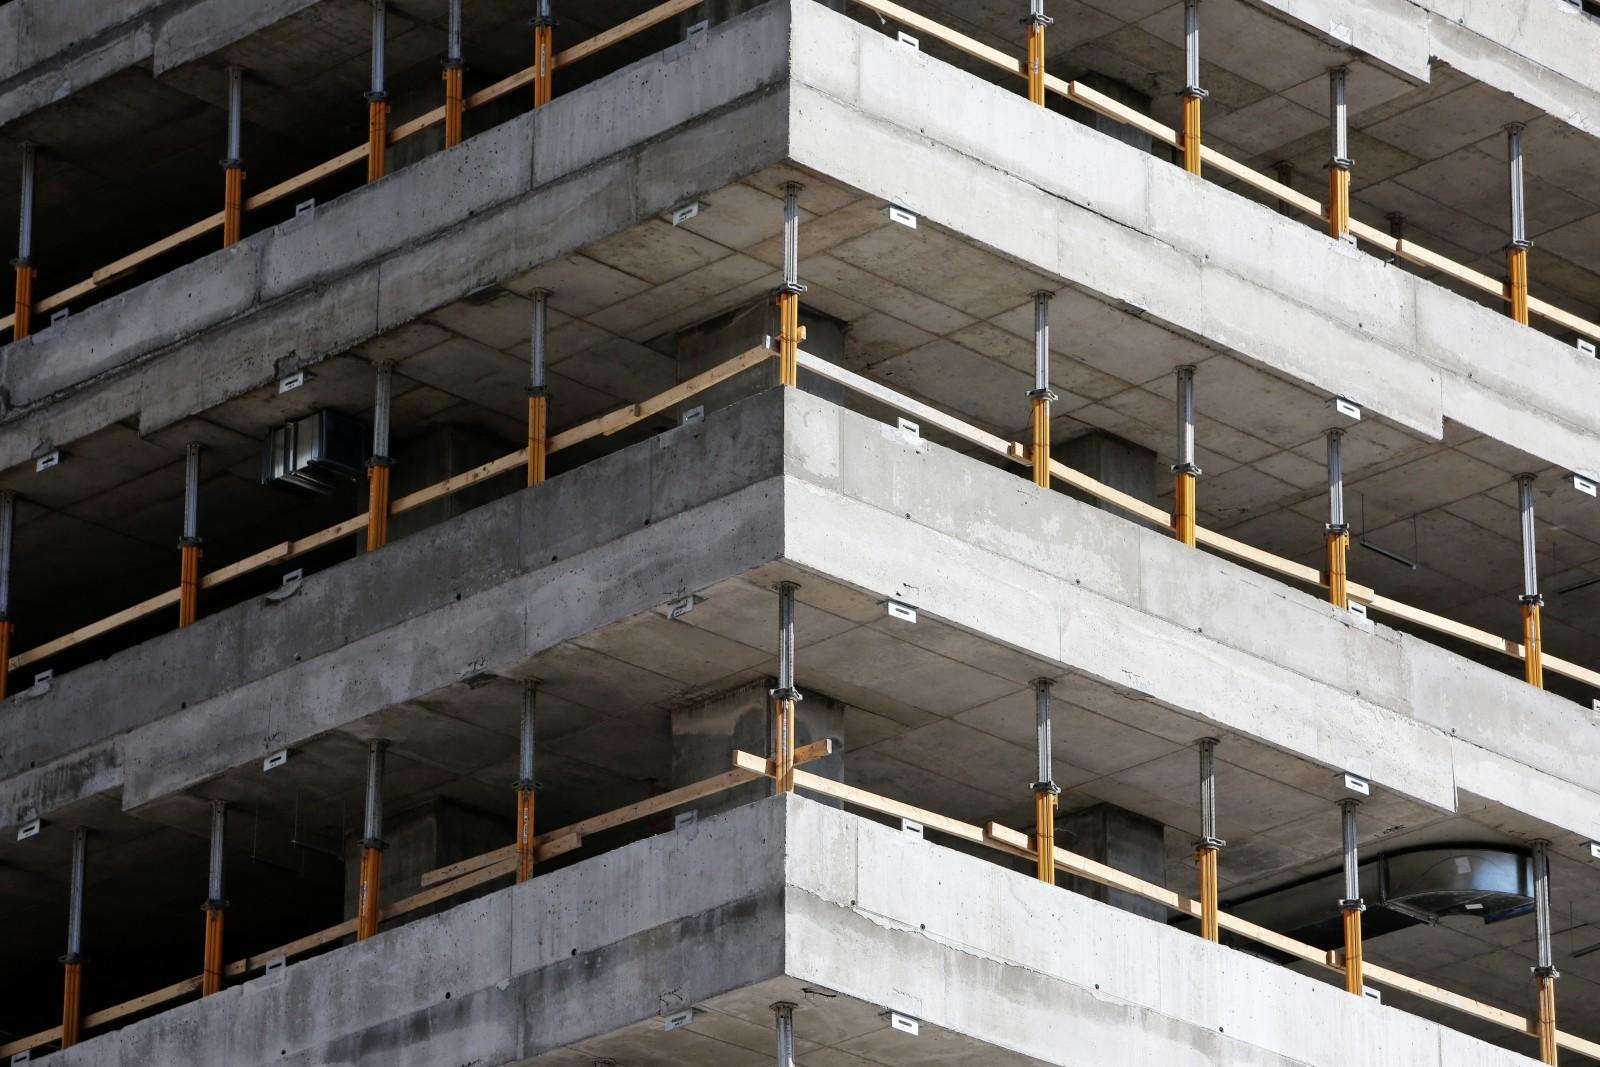 building-construction-concrete-architecture.jpg